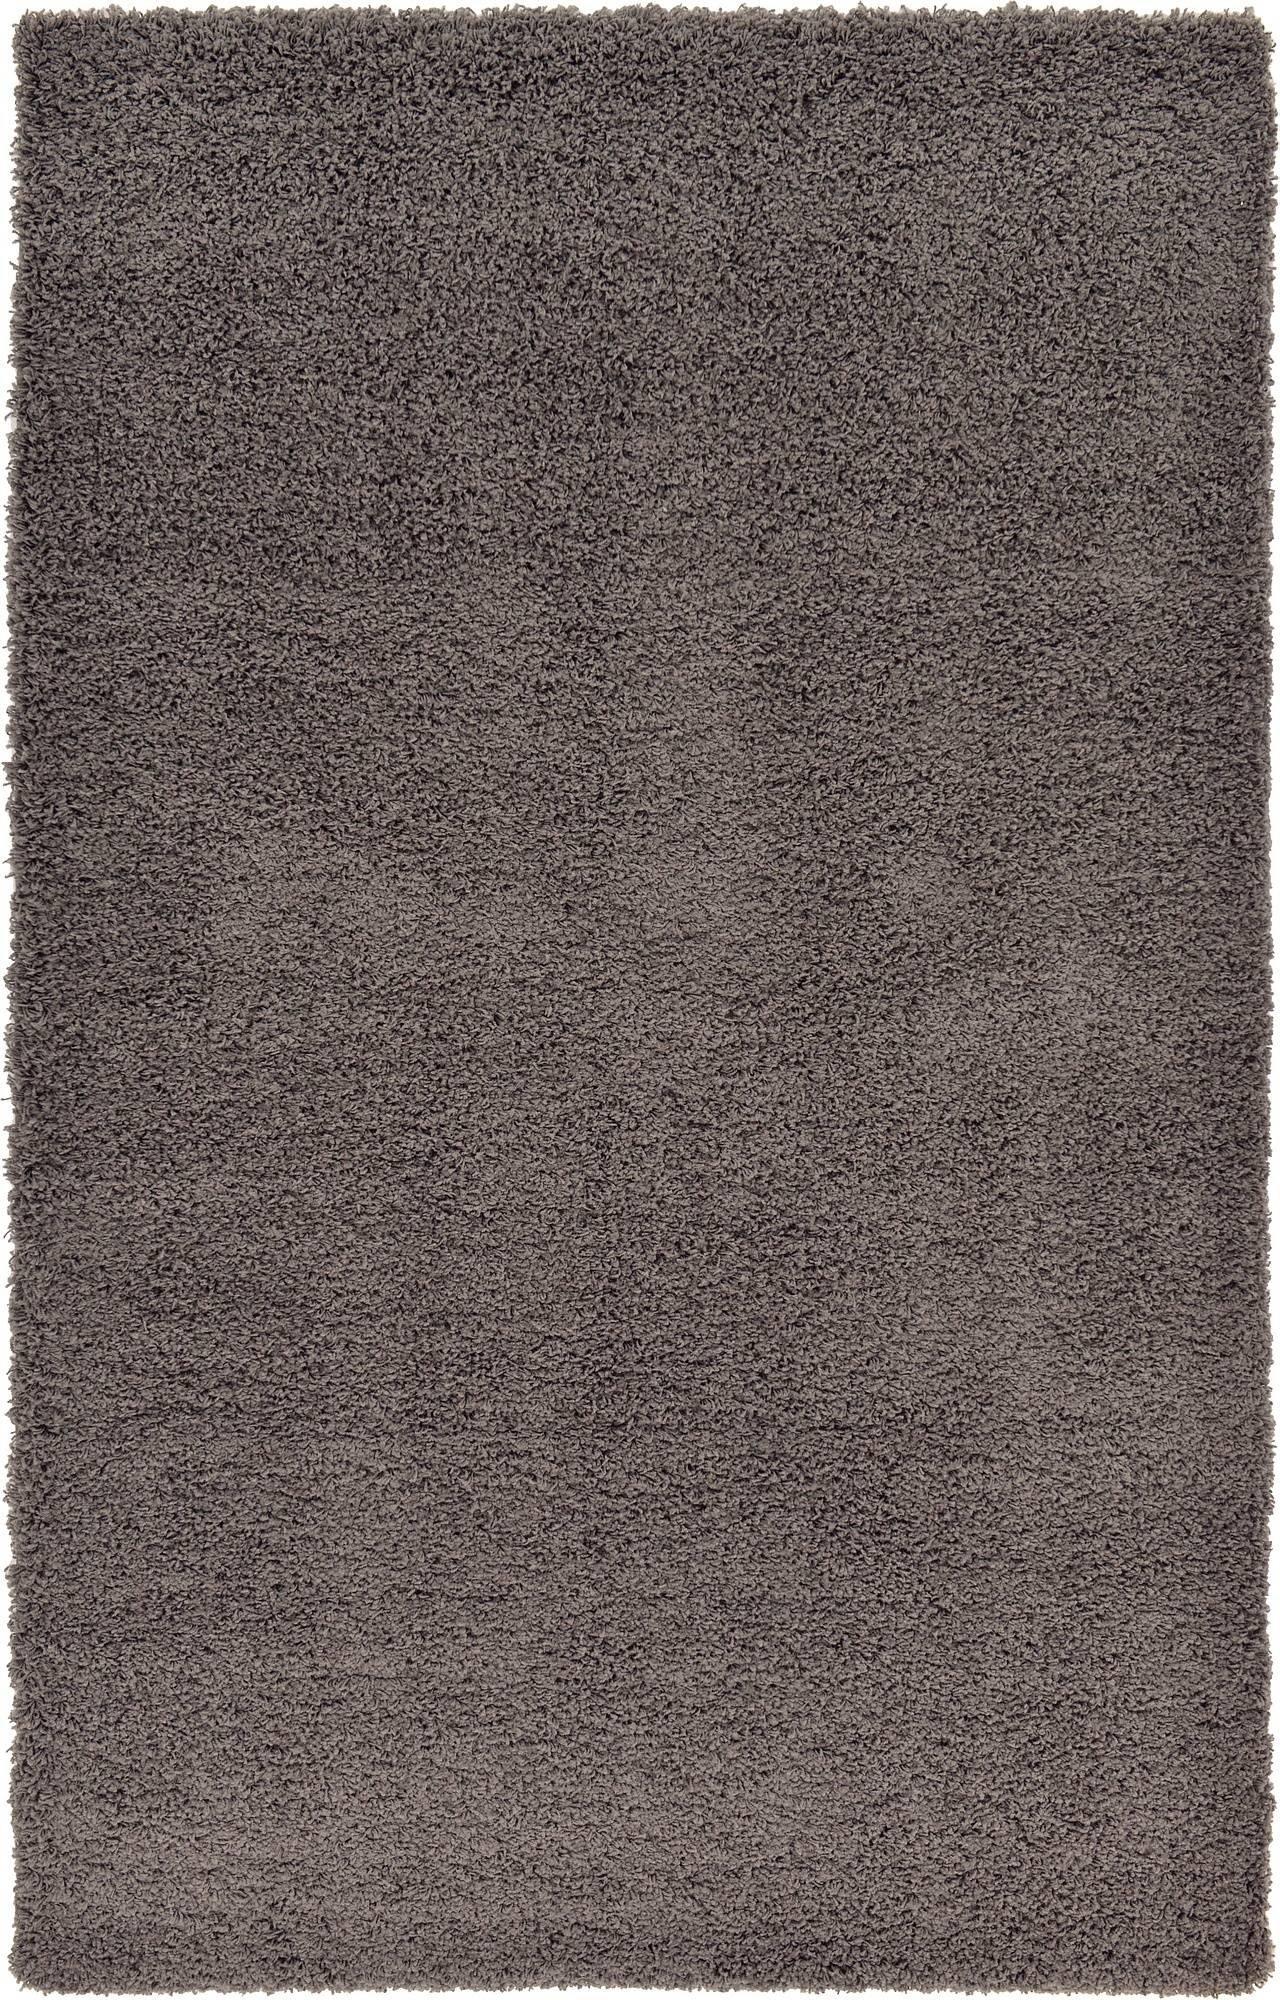 Unique Loom Solo Solid Shag Collection Modern Plush Graphite Gray Area Rug (5' 0 x 8' 0)